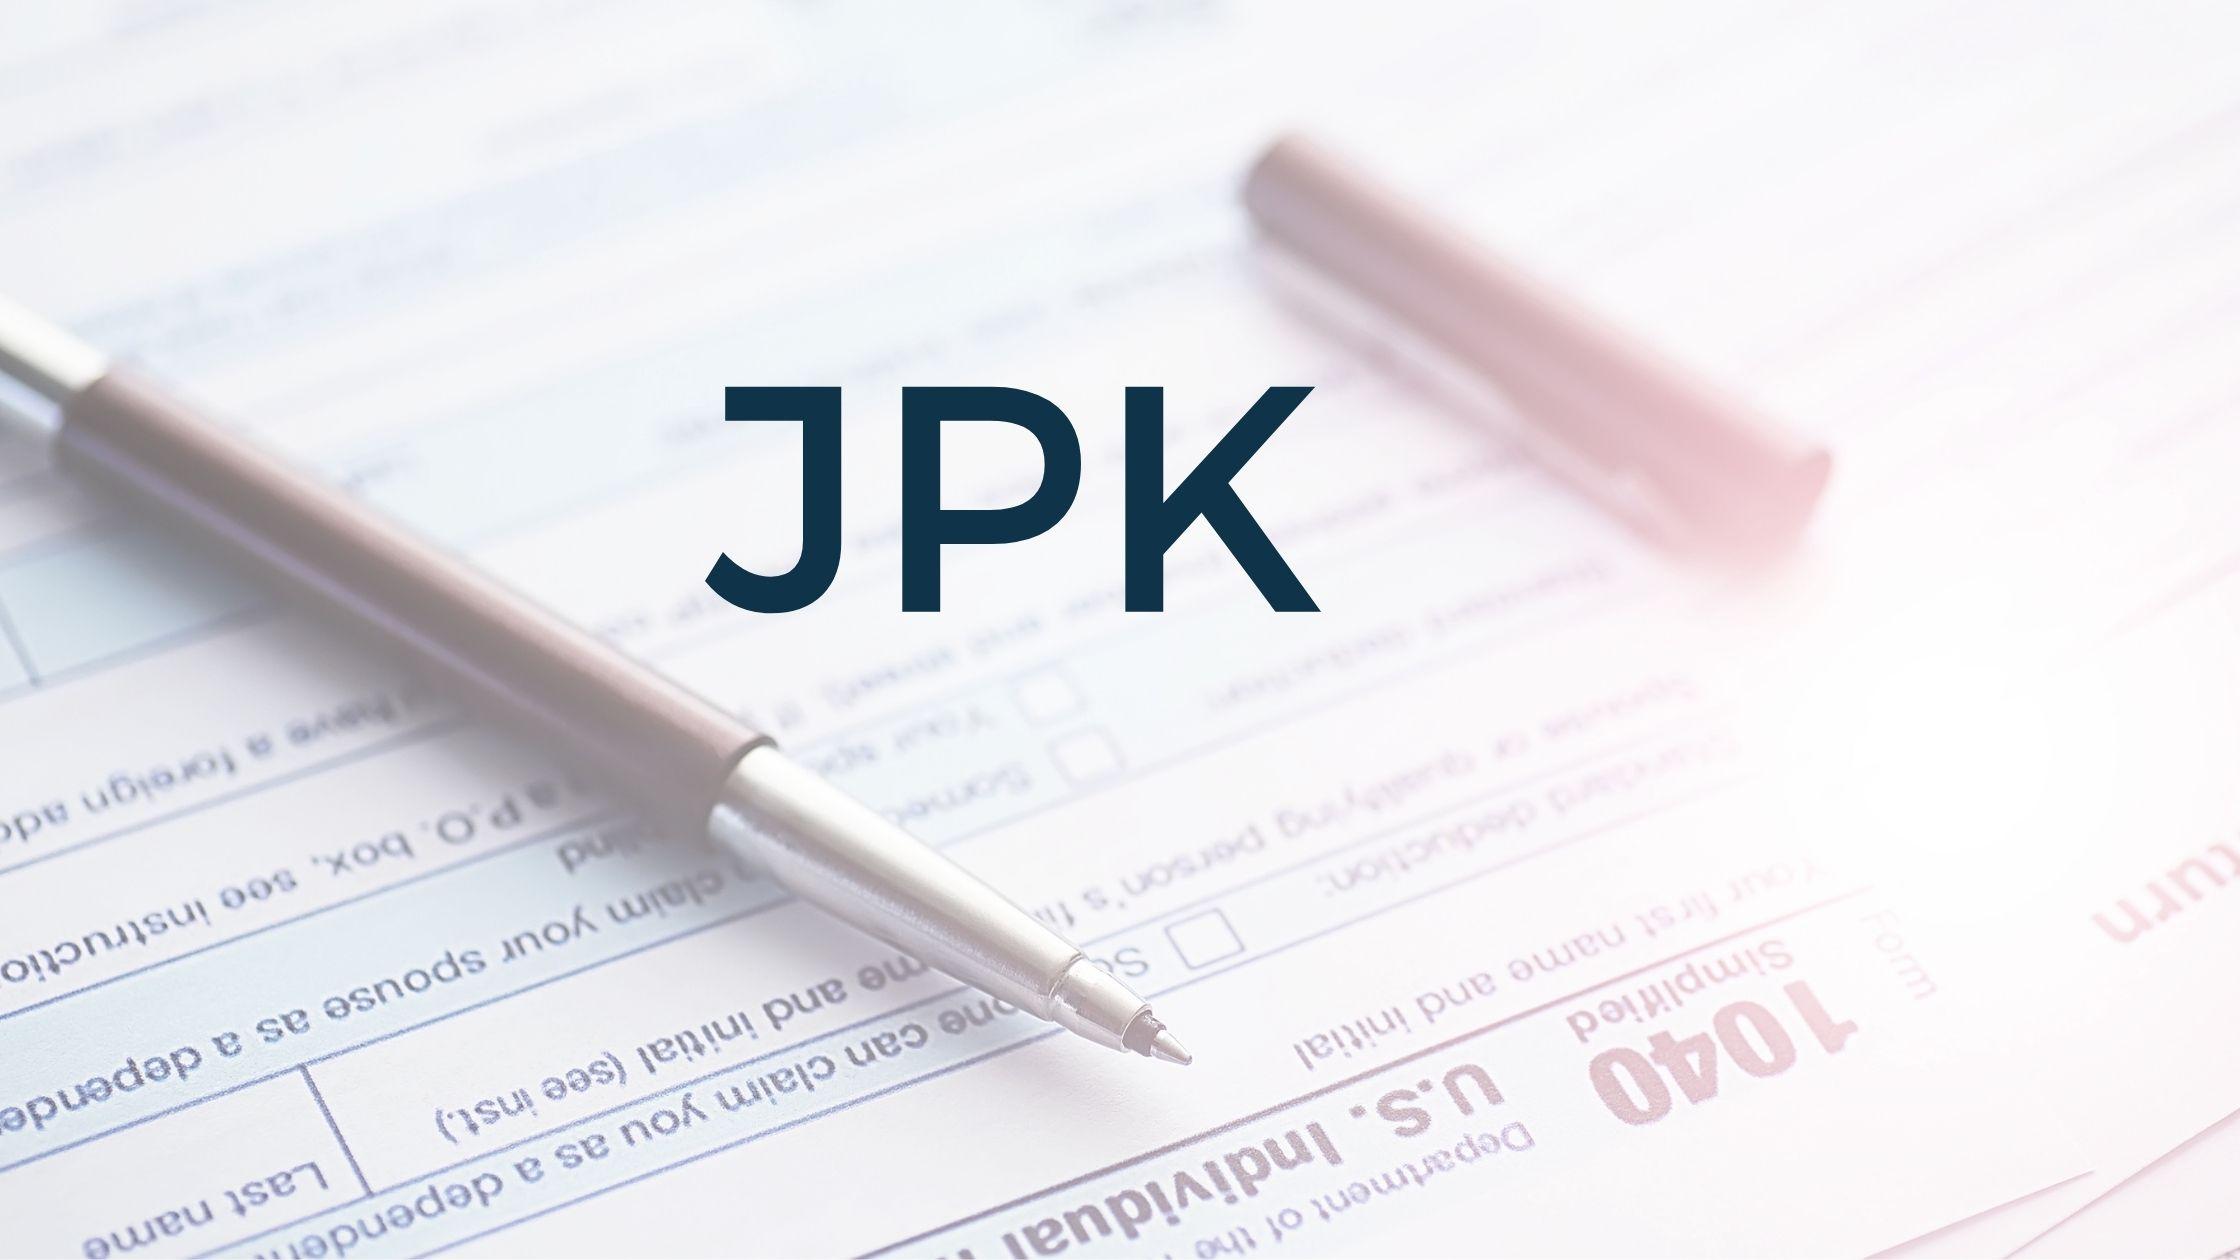 jednolity plik kontorlny - JPK, JPK_VAT